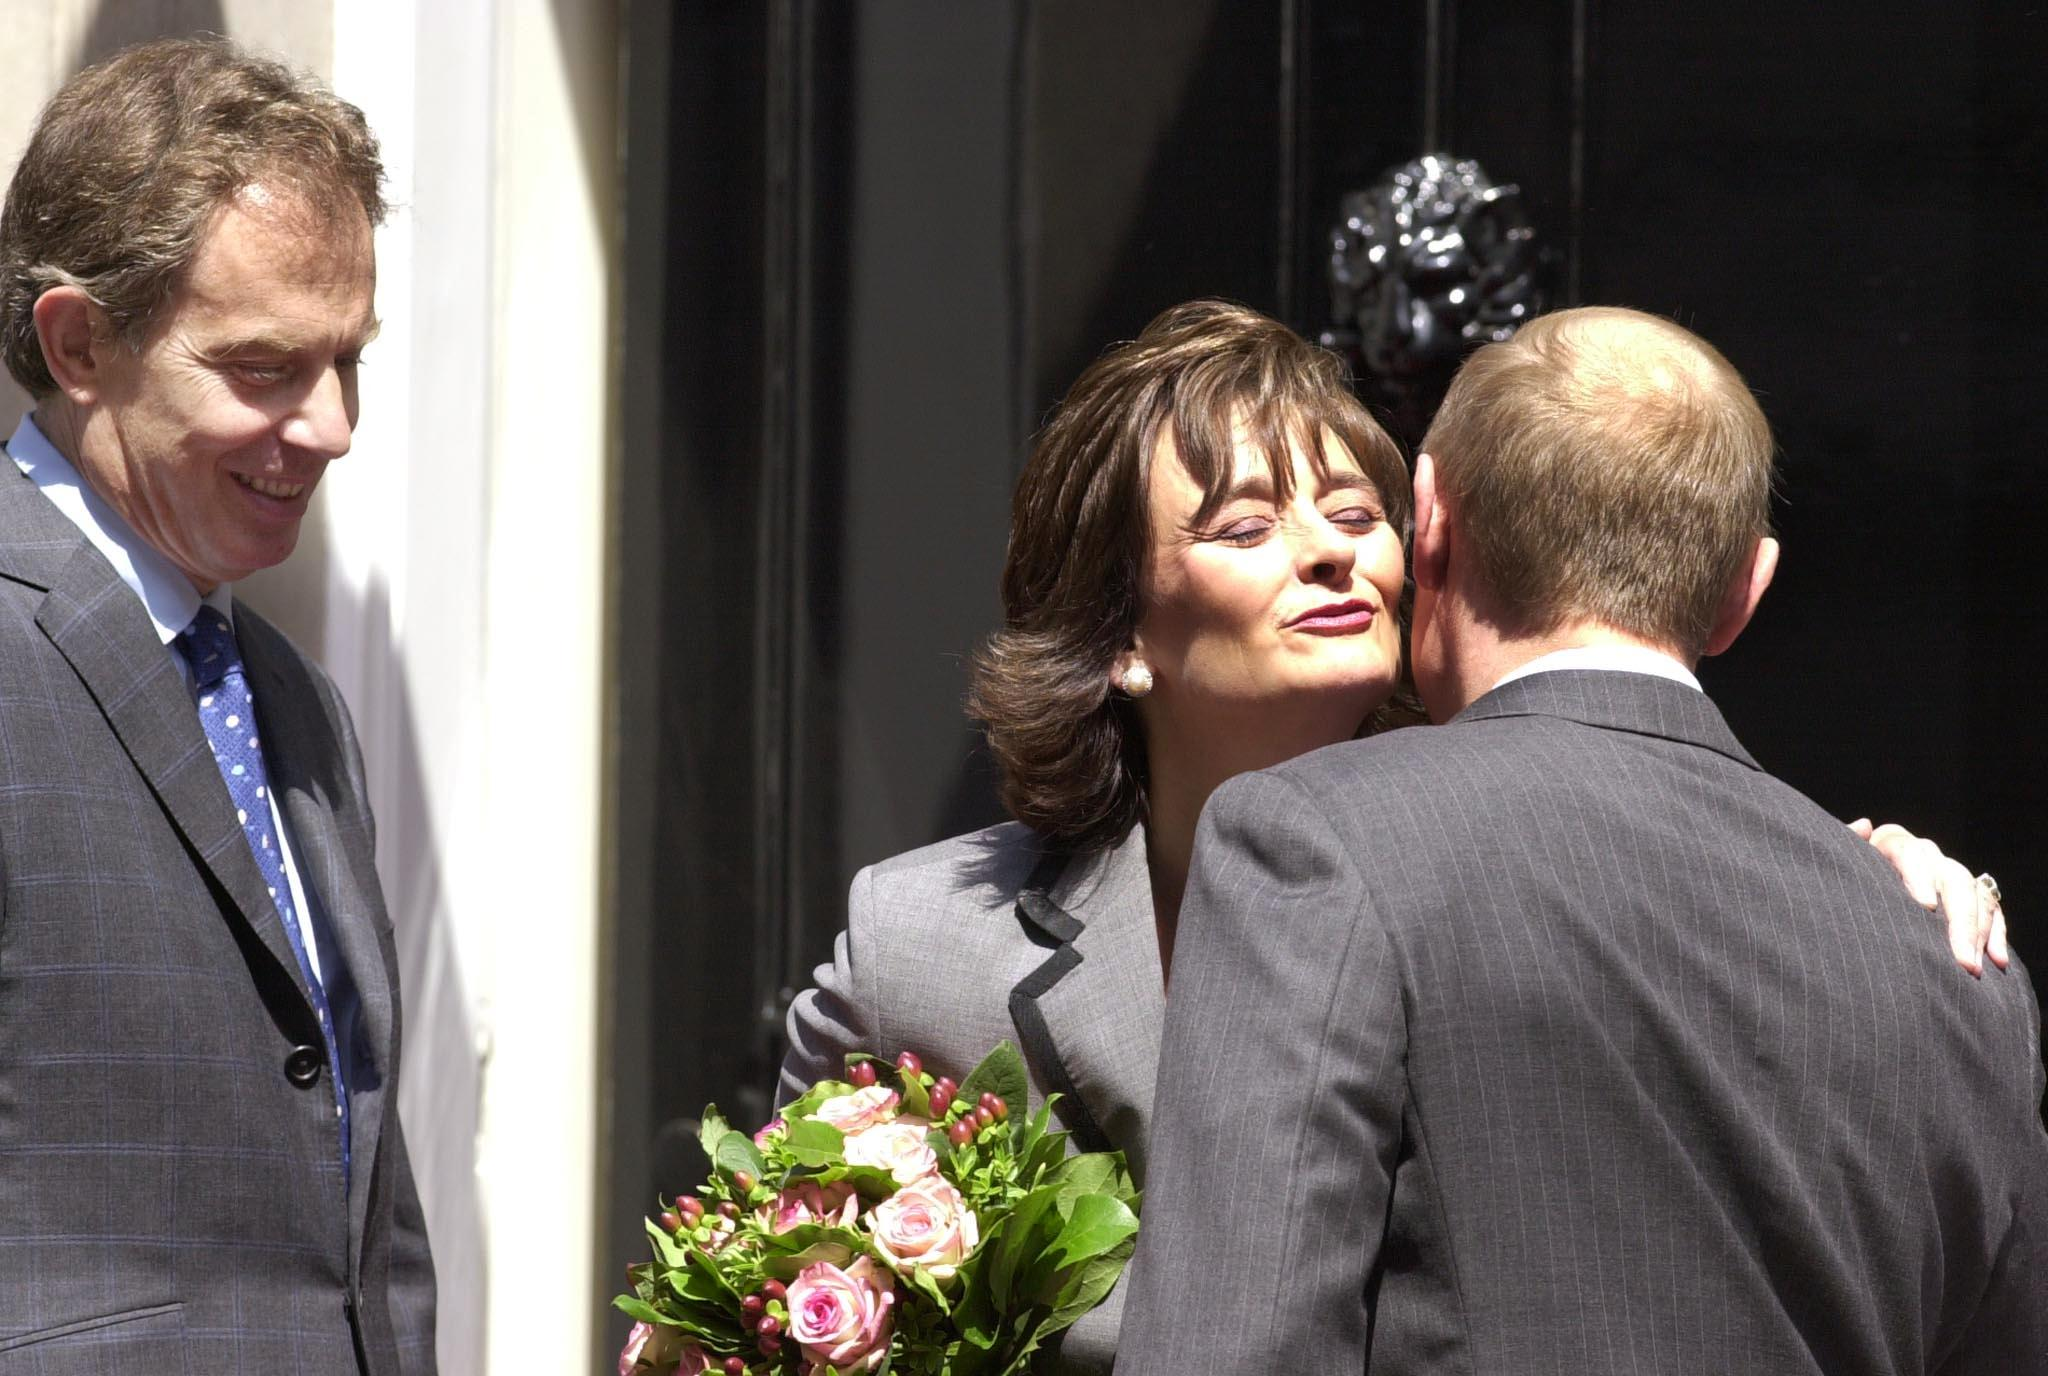 4/10. Чери Блер, супруга британског премијера Тонија Блера, снимљена у тренутку док размењује пријатељски пољубац са Путином пошто јој је уручио букет.